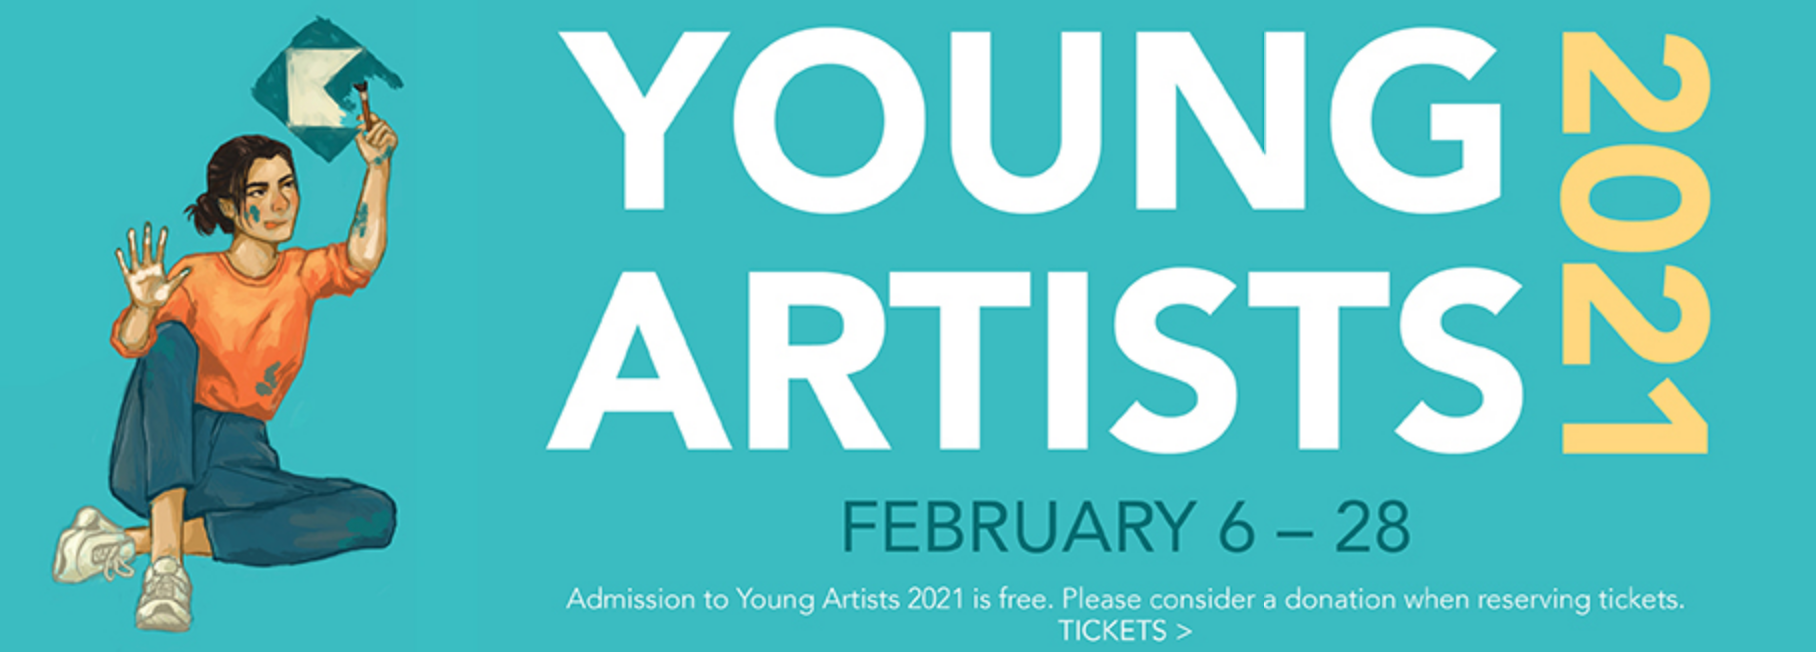 Flyer for art exhibit